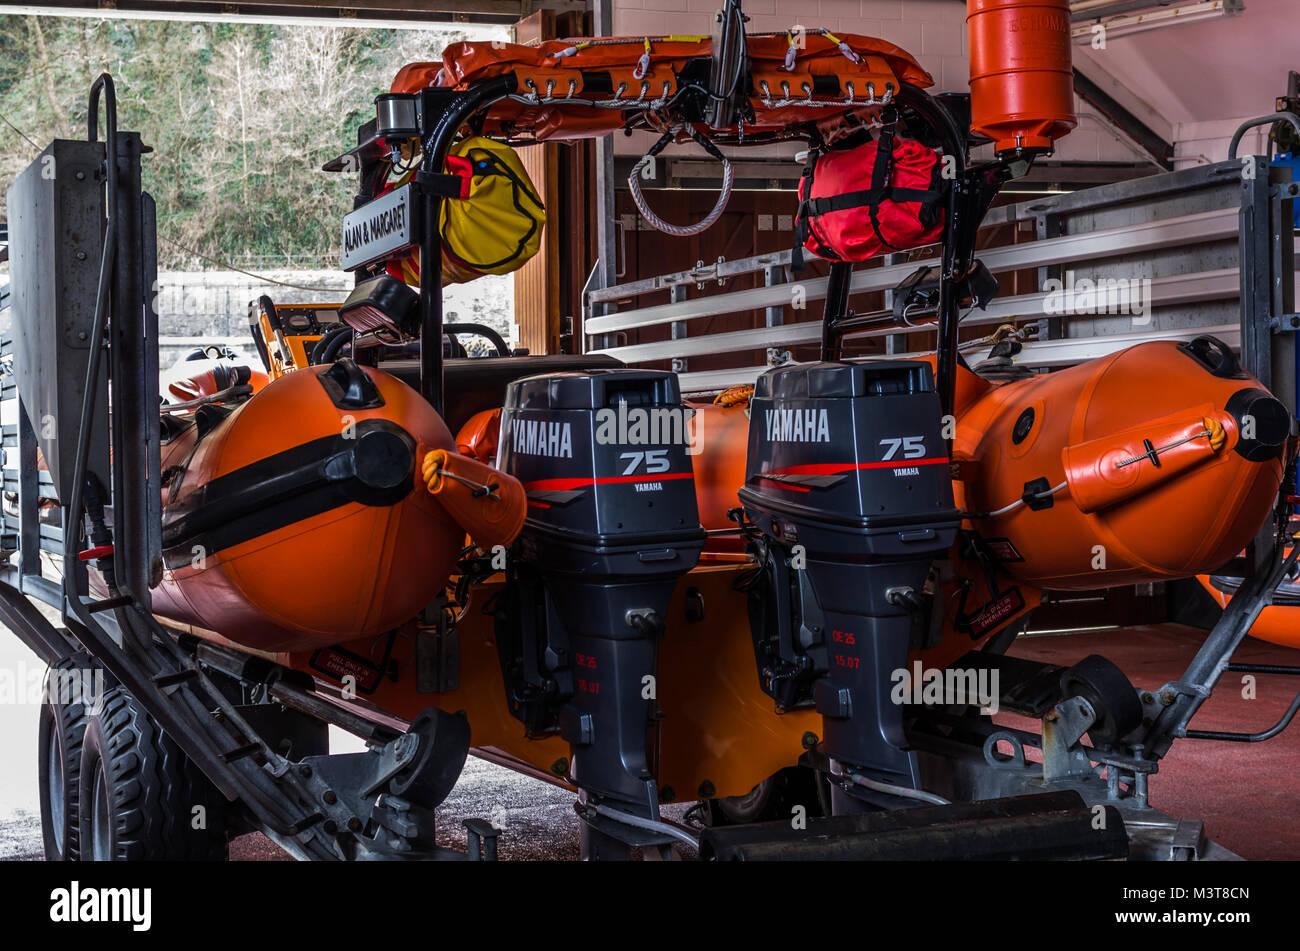 Yamaha Outboard Engines Ireland